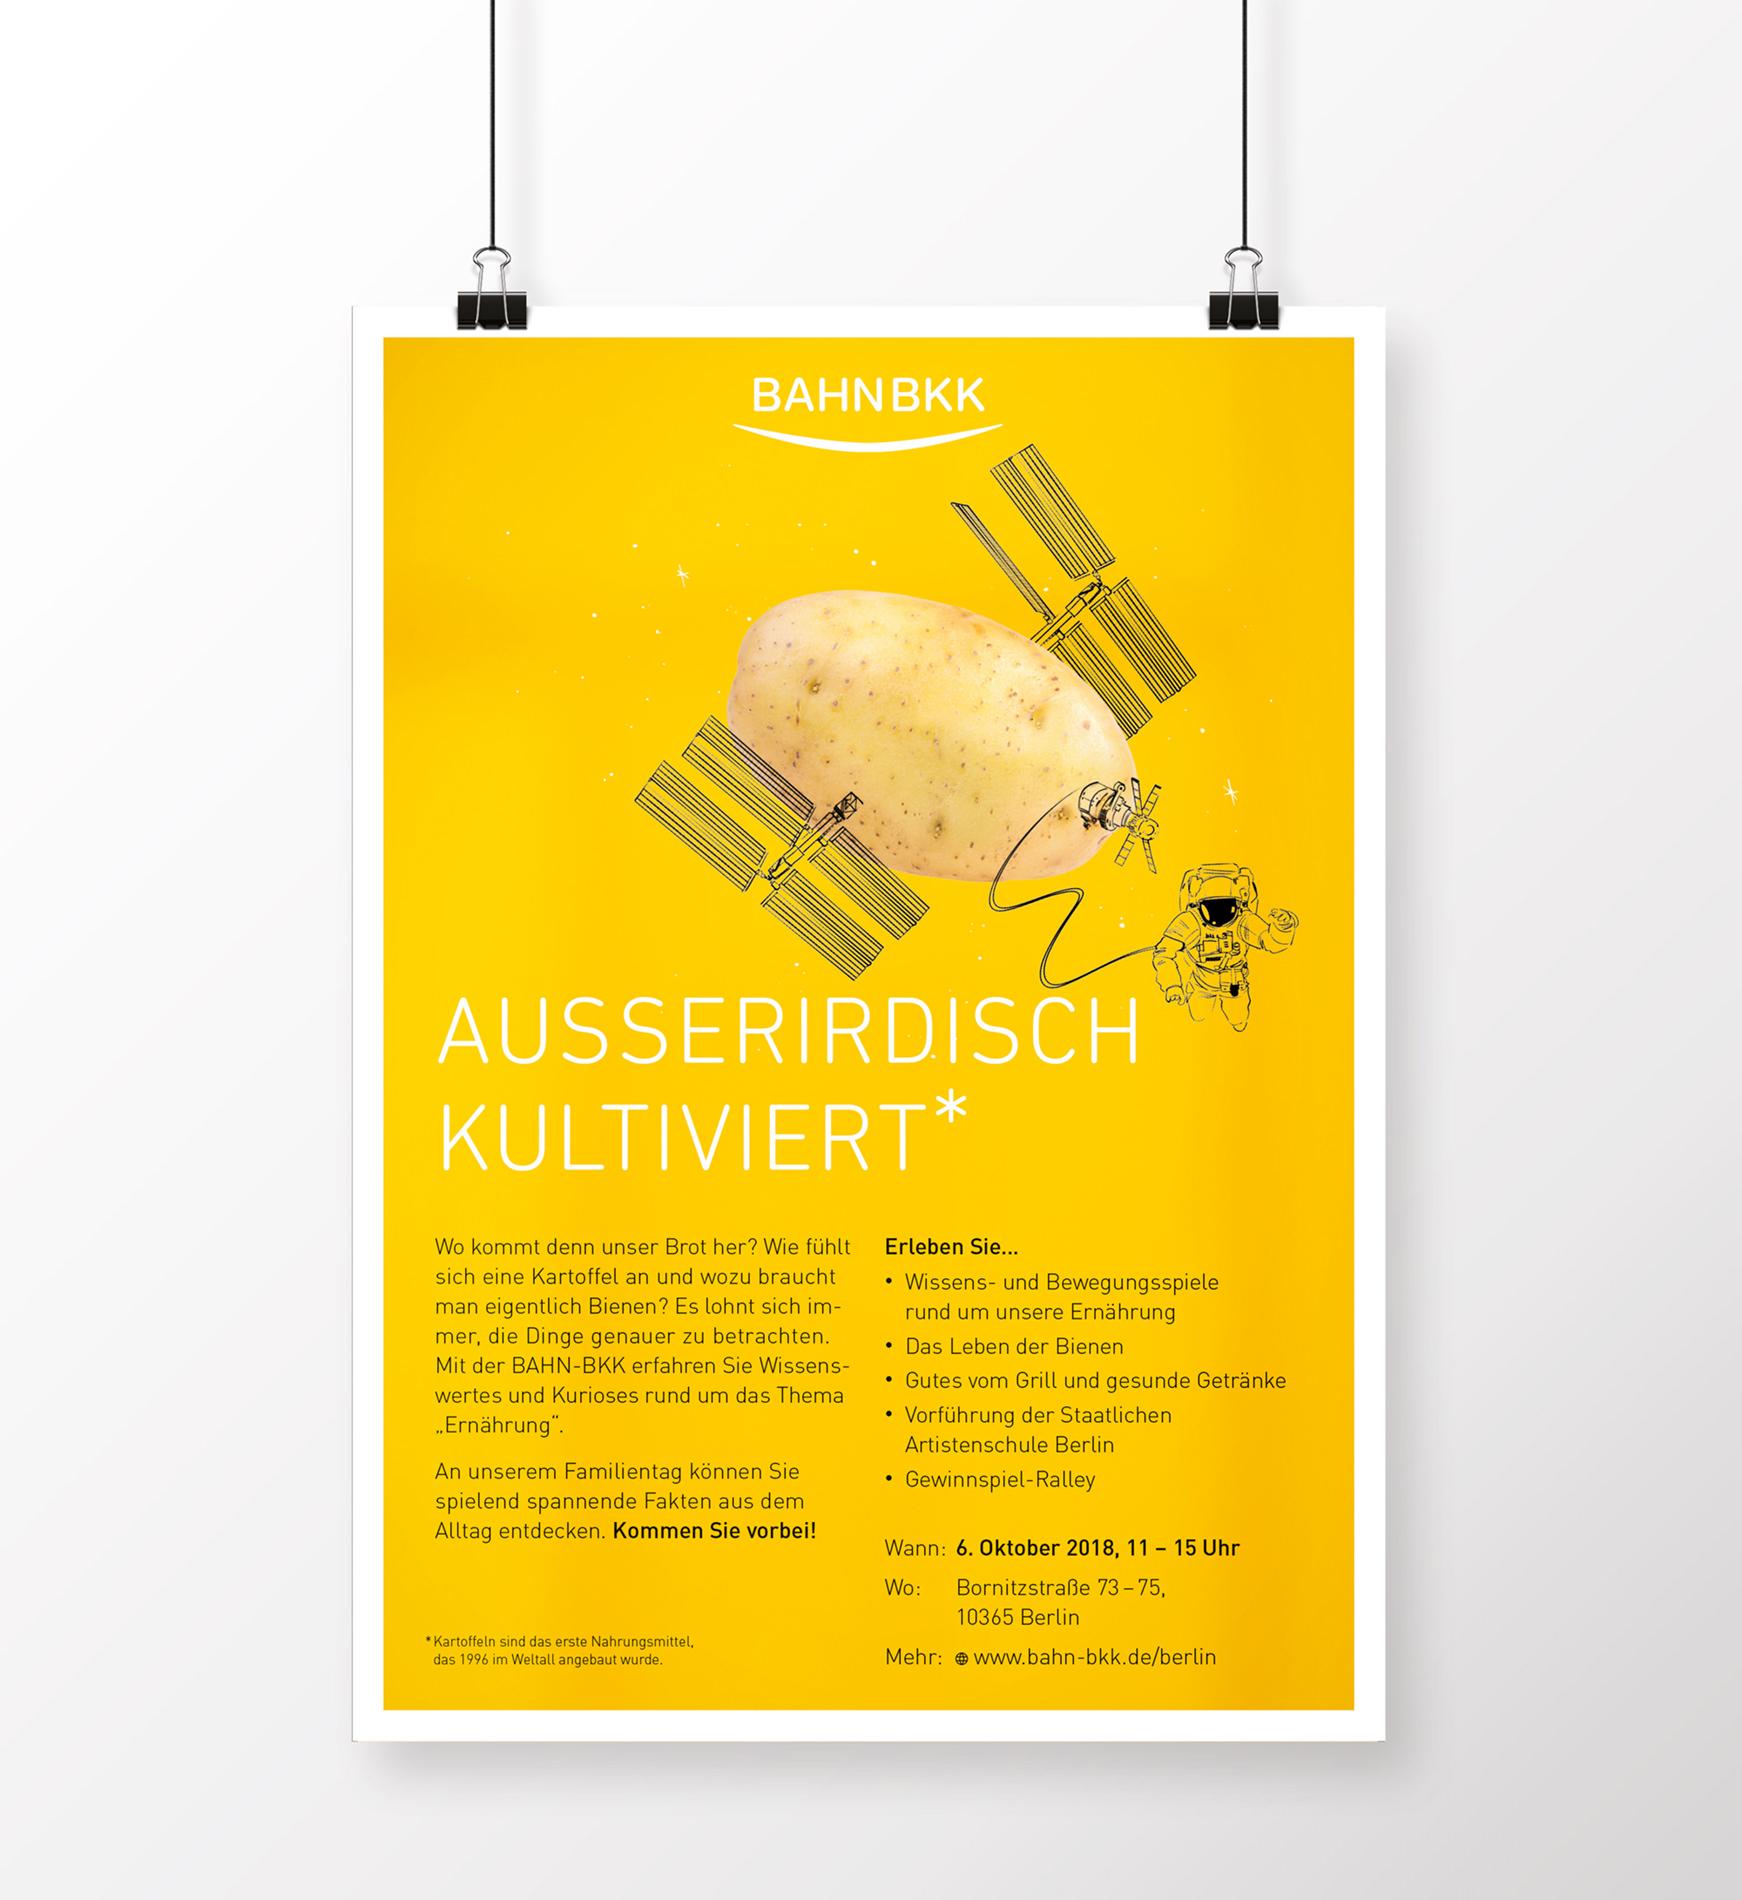 Tag der offenen Tür - Poster 03 (BAHN-BKK, Kampagne)